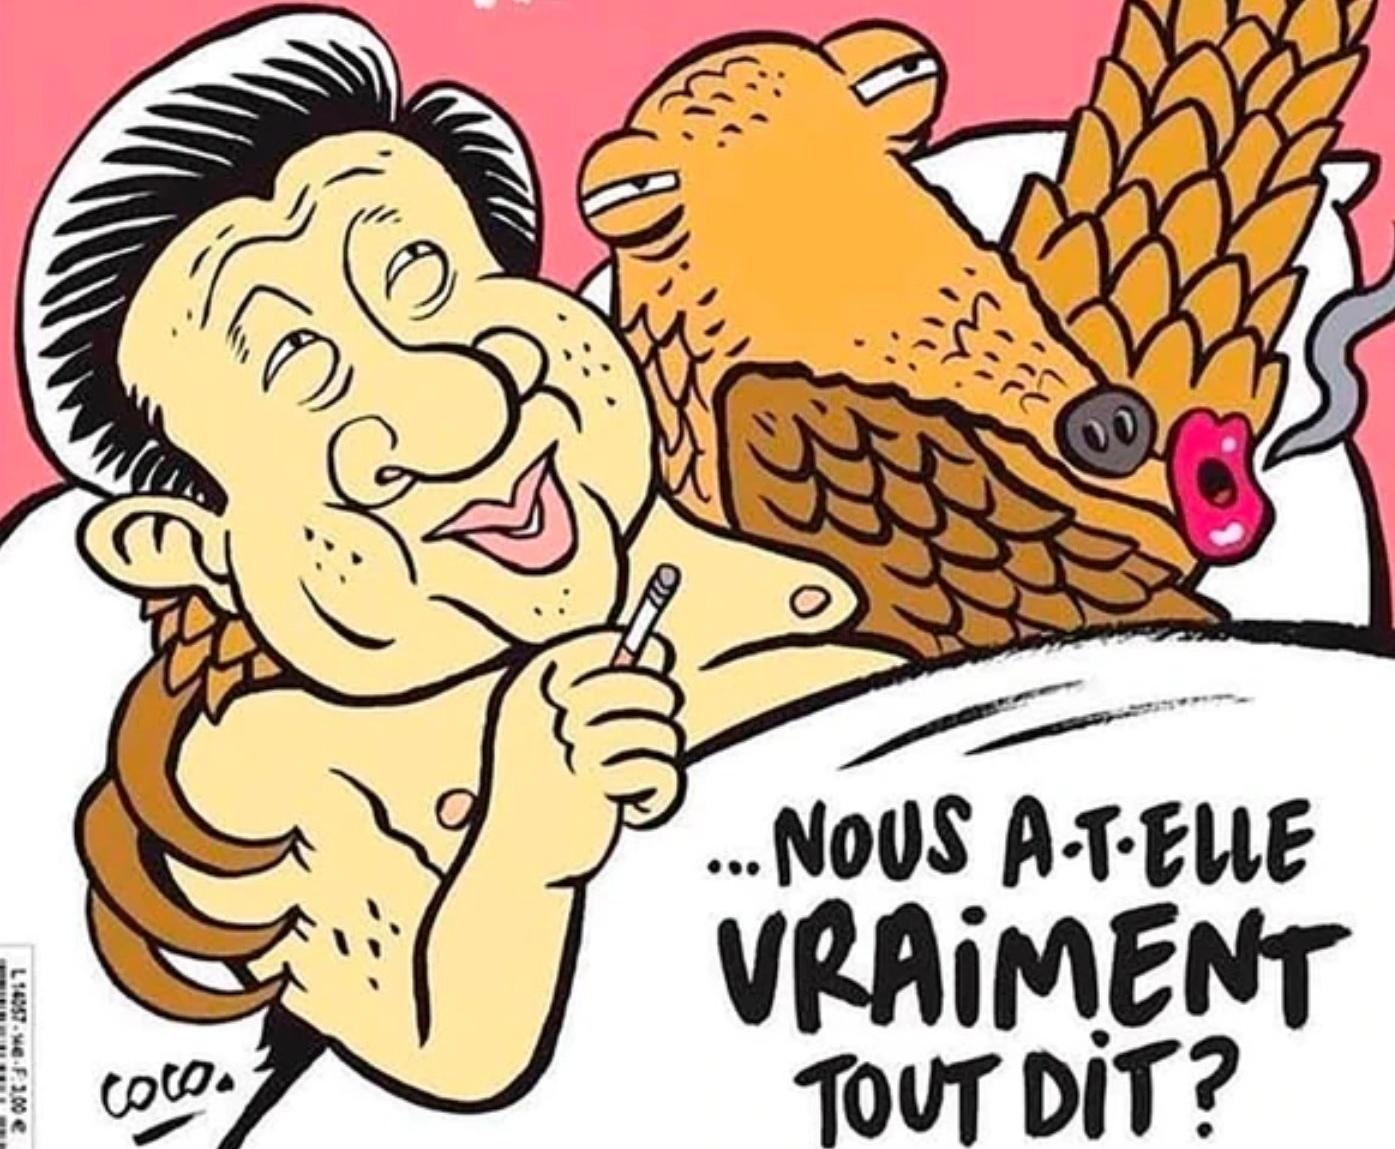 Charlie Hebdo publica caricatura de Xi Jinping con un pangolín en la cama